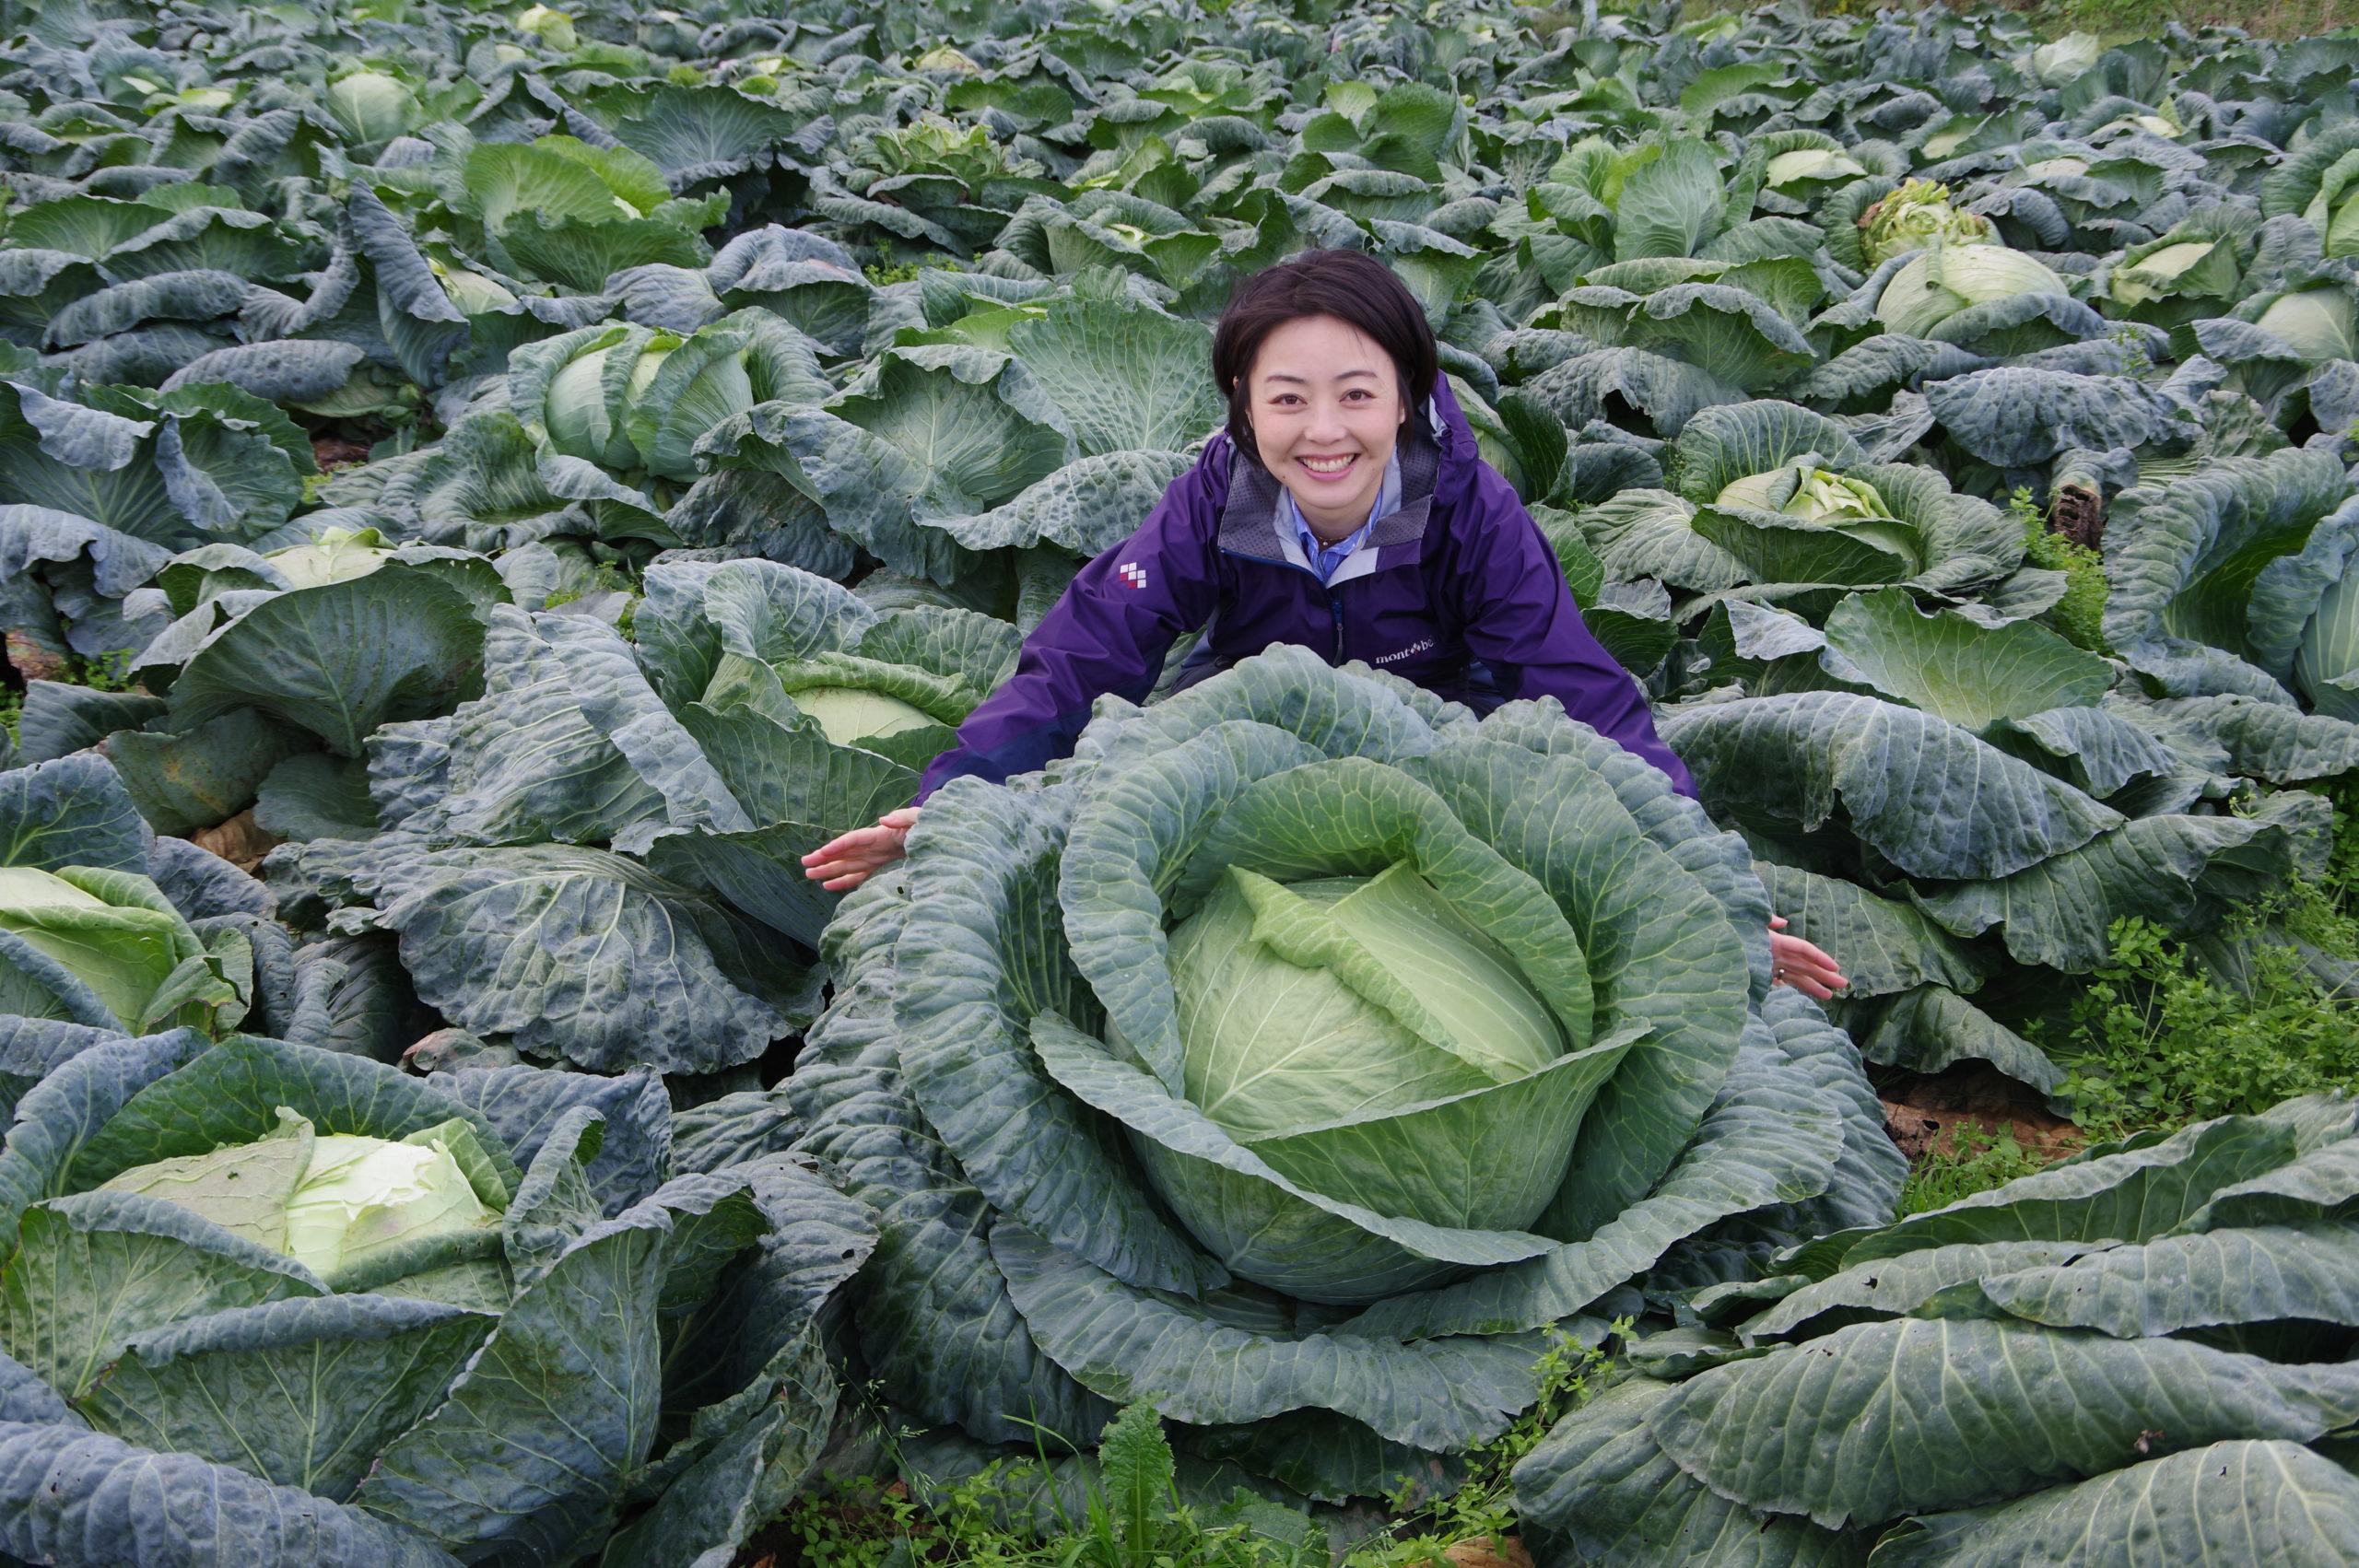 巨大キャベツ「札幌大球」~北海道の伝統野菜を訪ねて~